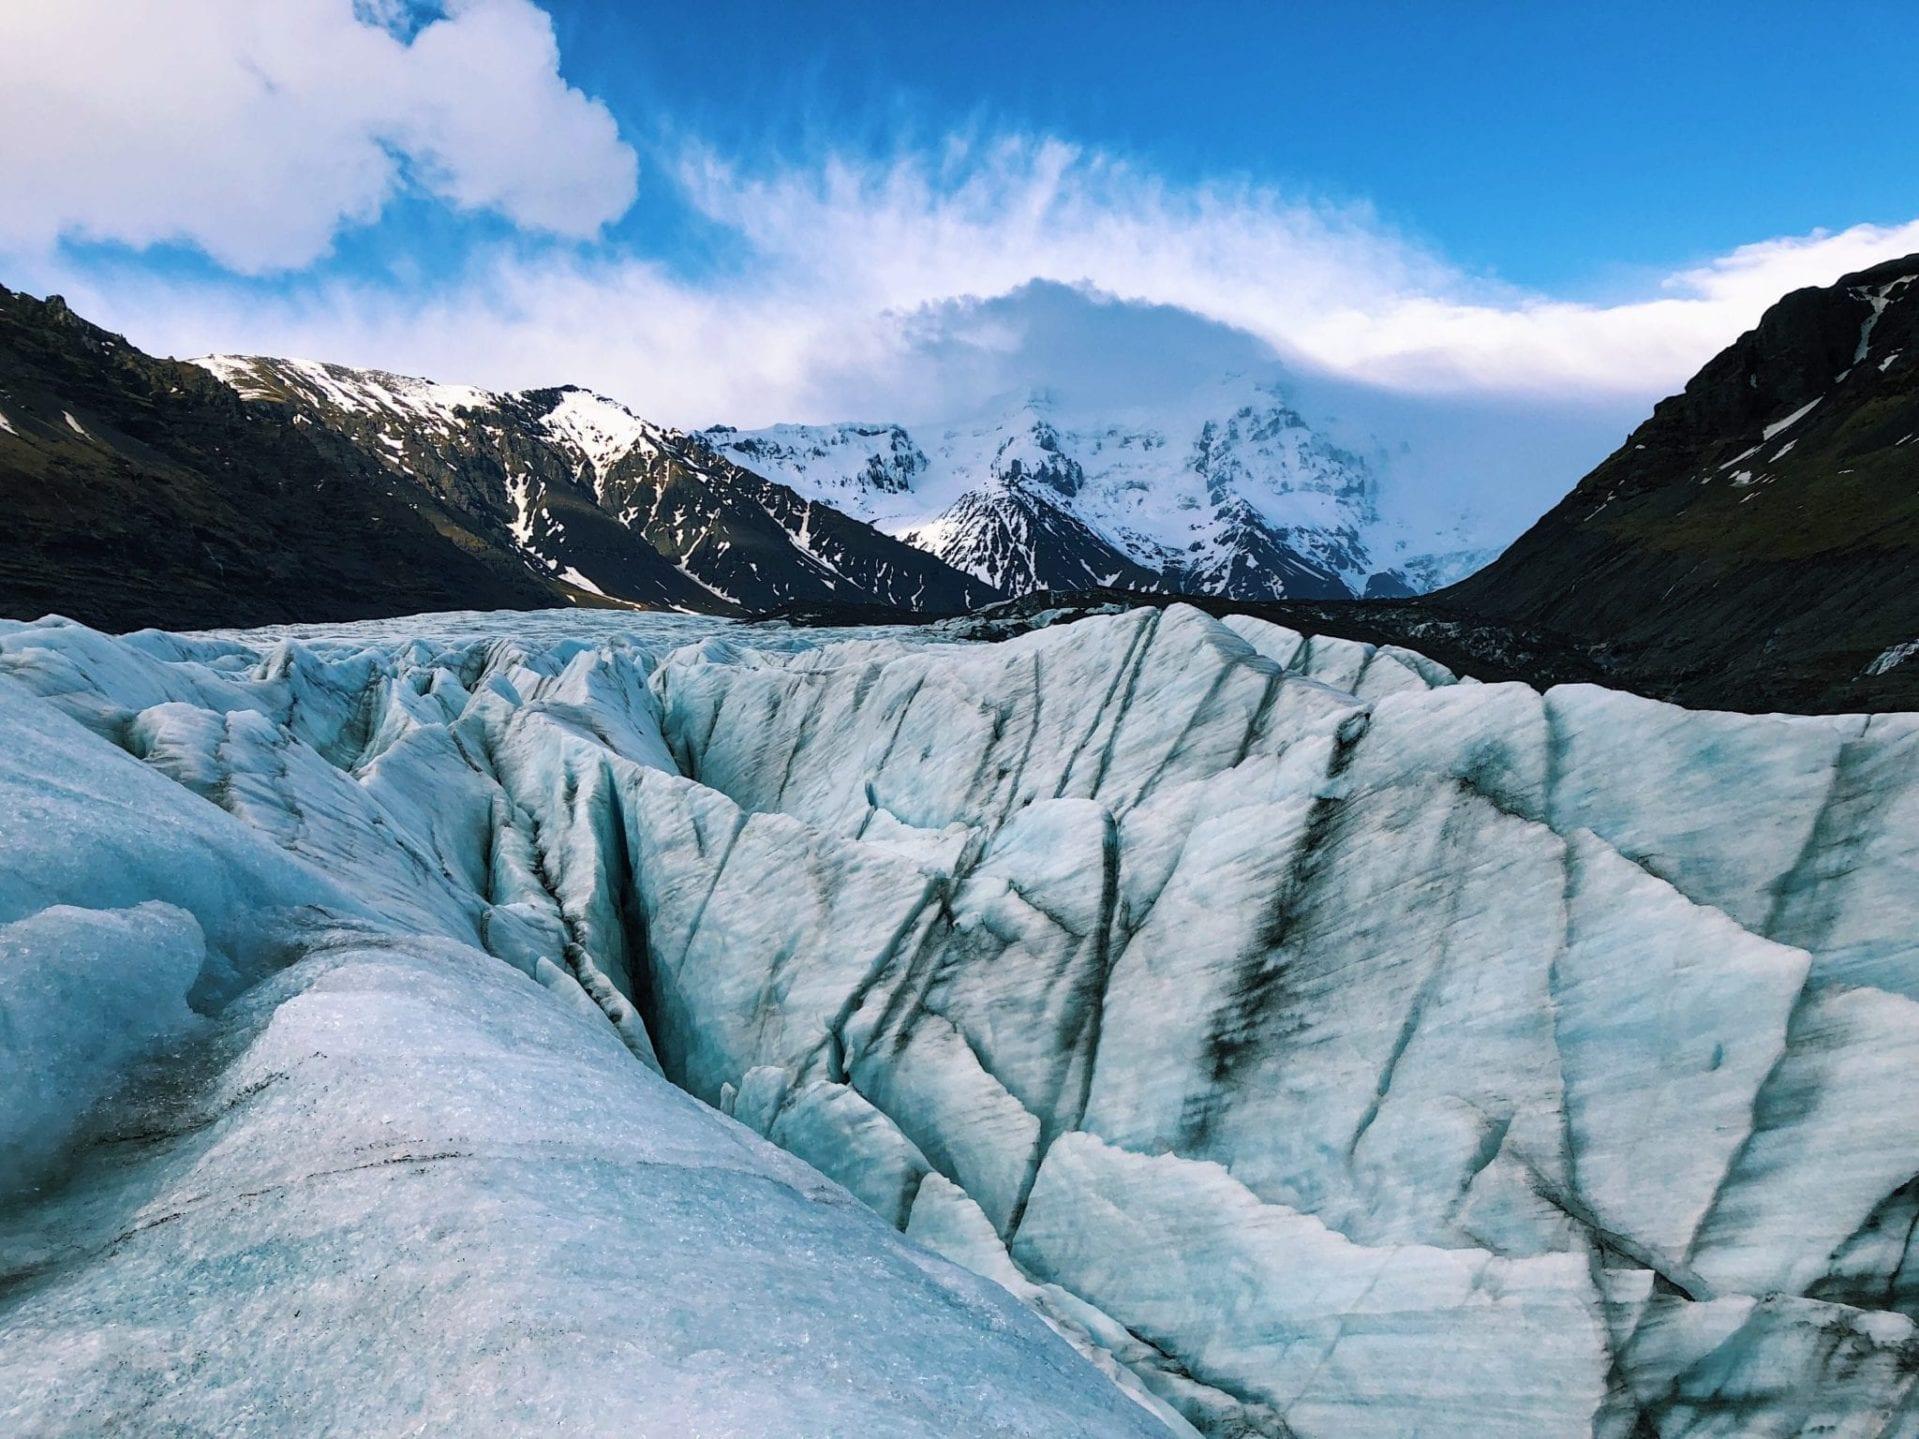 斯卡夫塔山冰川徒步旅行团-来冰岛星际穿越|自驾到集合地,深度中等级别